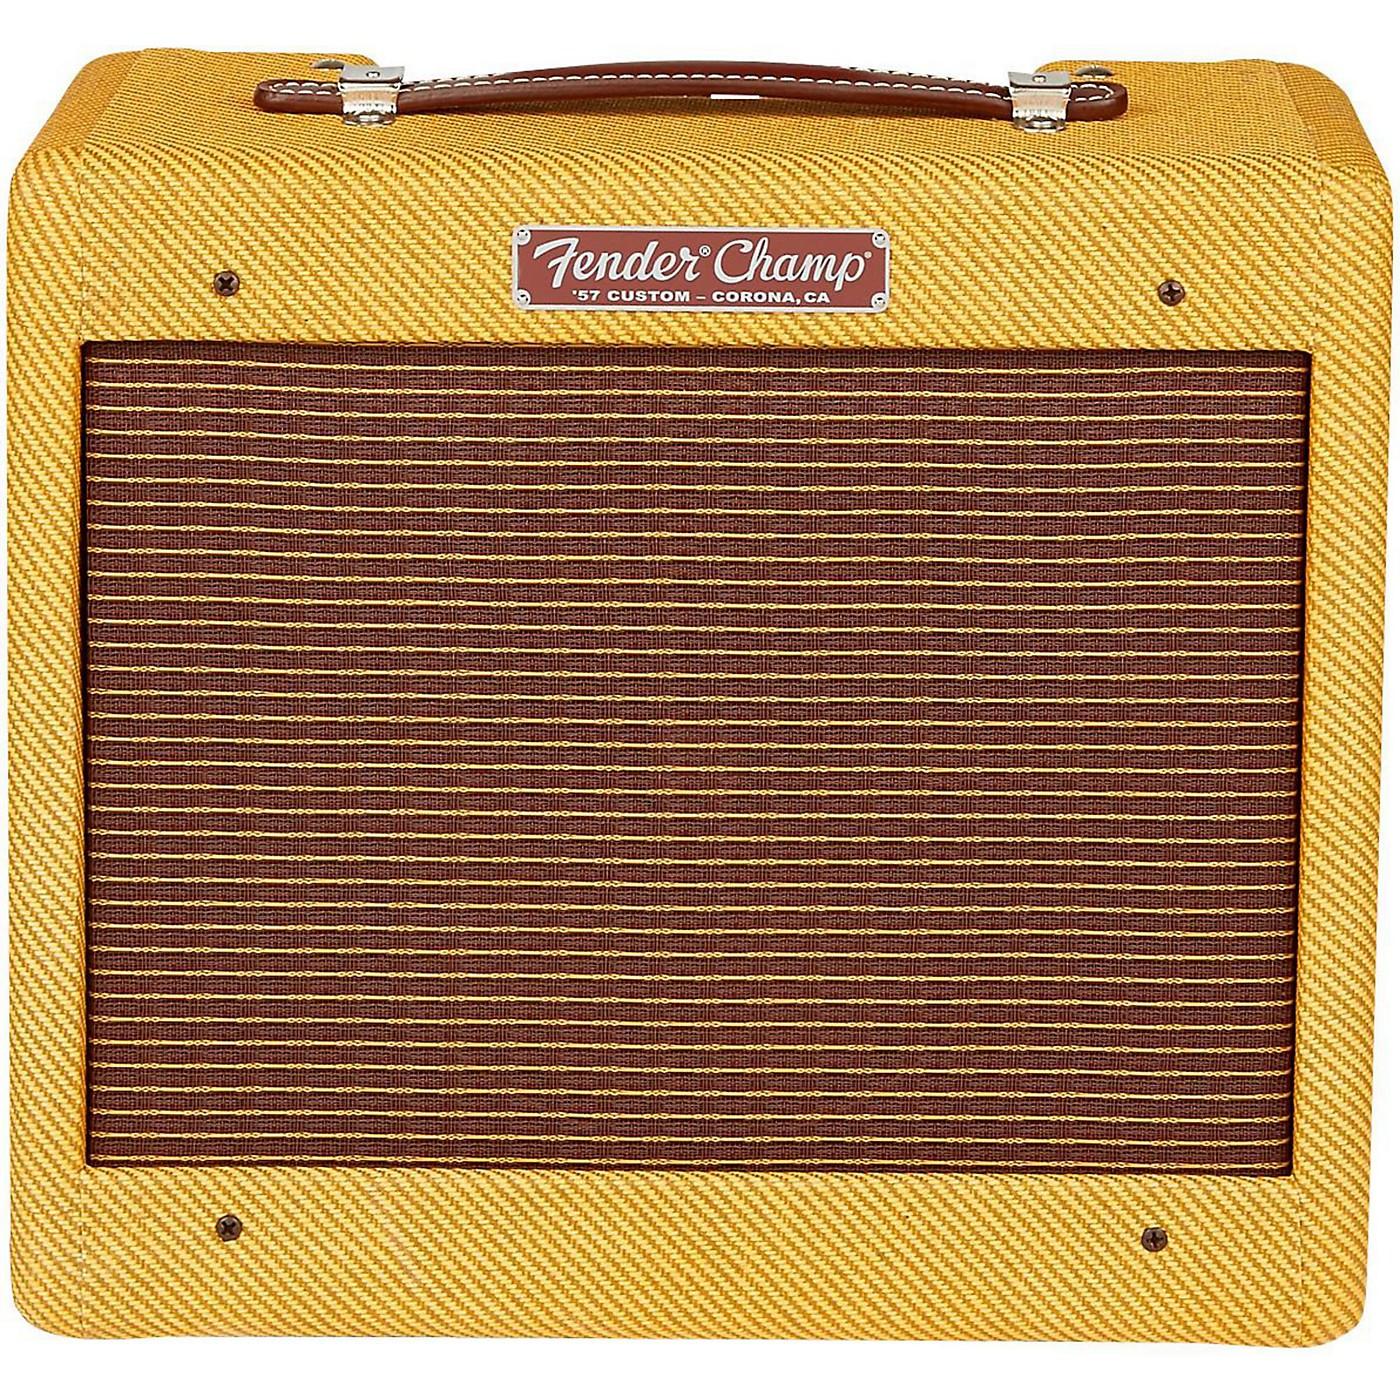 Fender '57 Custom Champ 5W 1x8 Tube Guitar Amp thumbnail